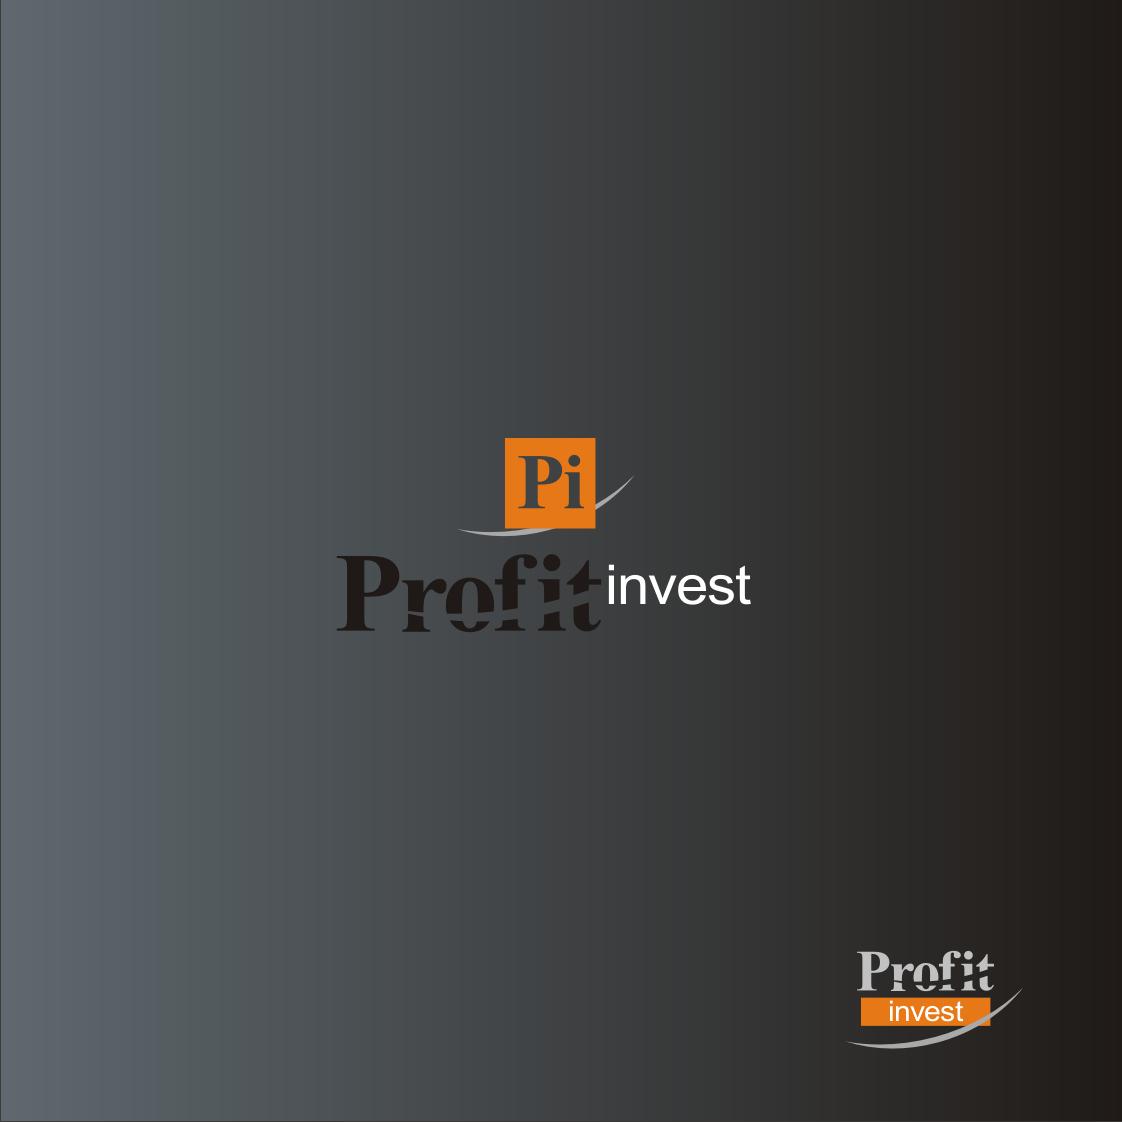 Разработка логотипа для брокерской компании фото f_4f155b4b11267.jpg